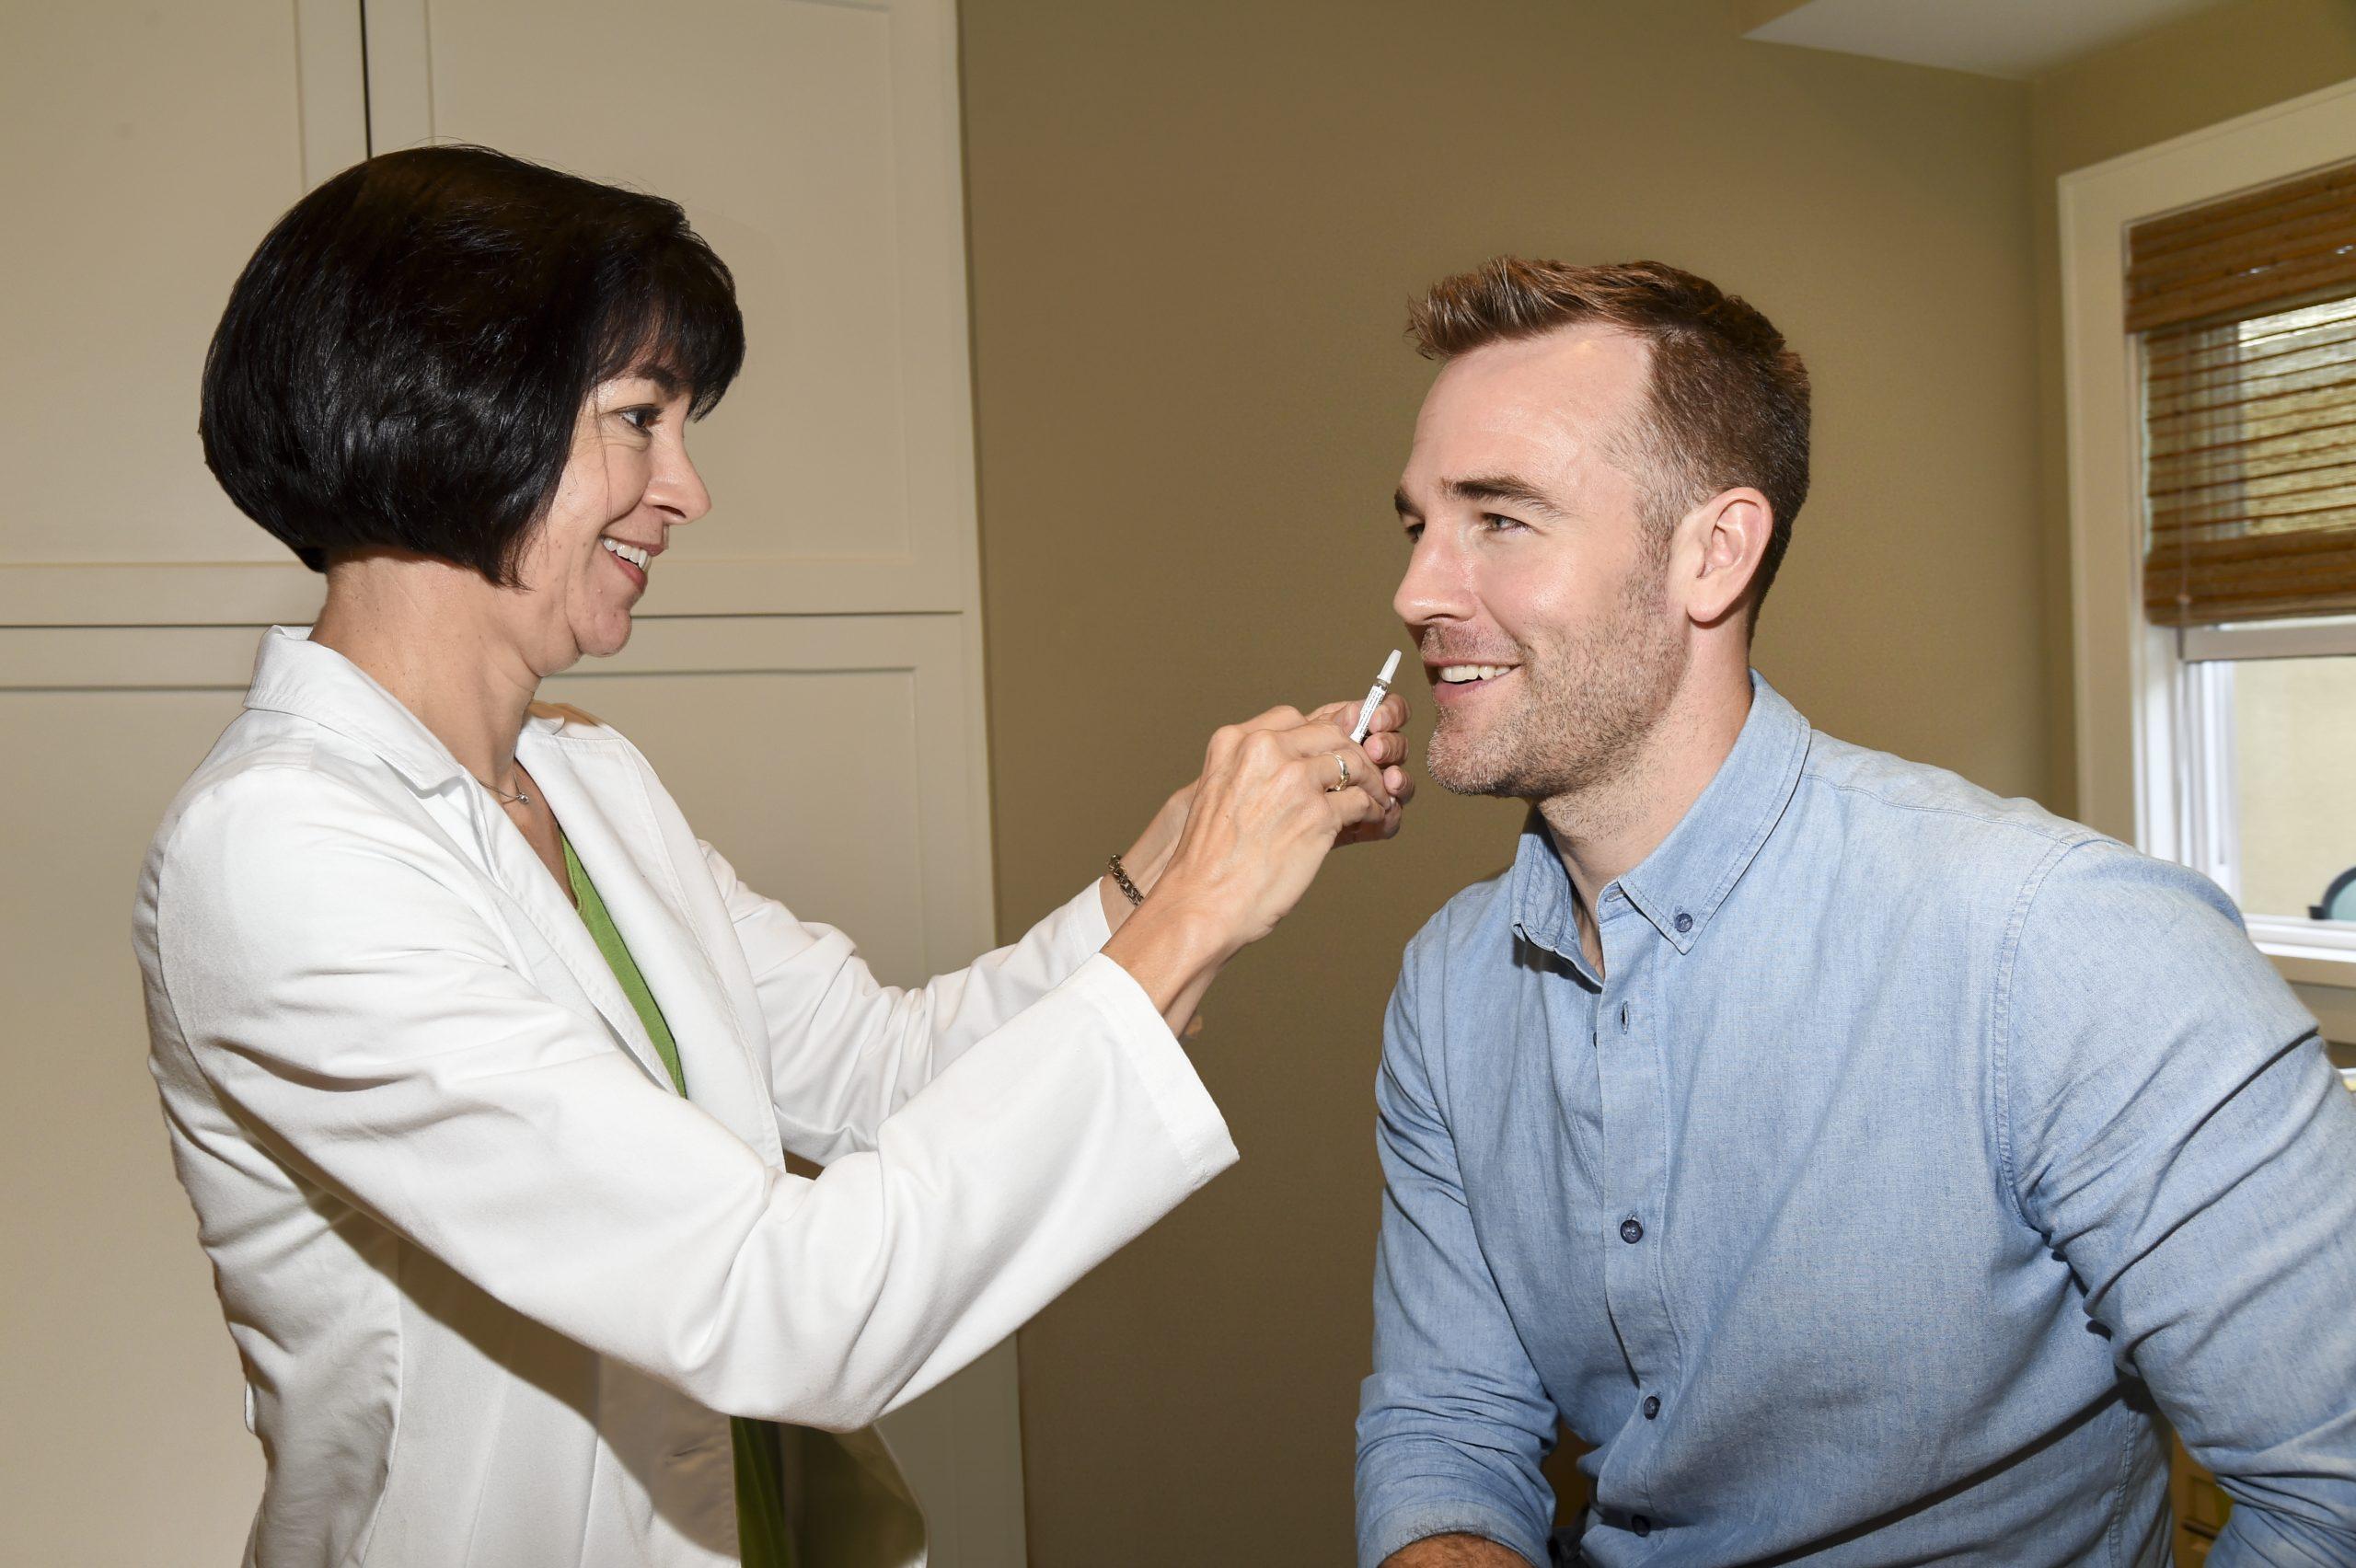 Rusia desarrolla una vacuna contra el coronavirus que se aplicaría or vía intranasal